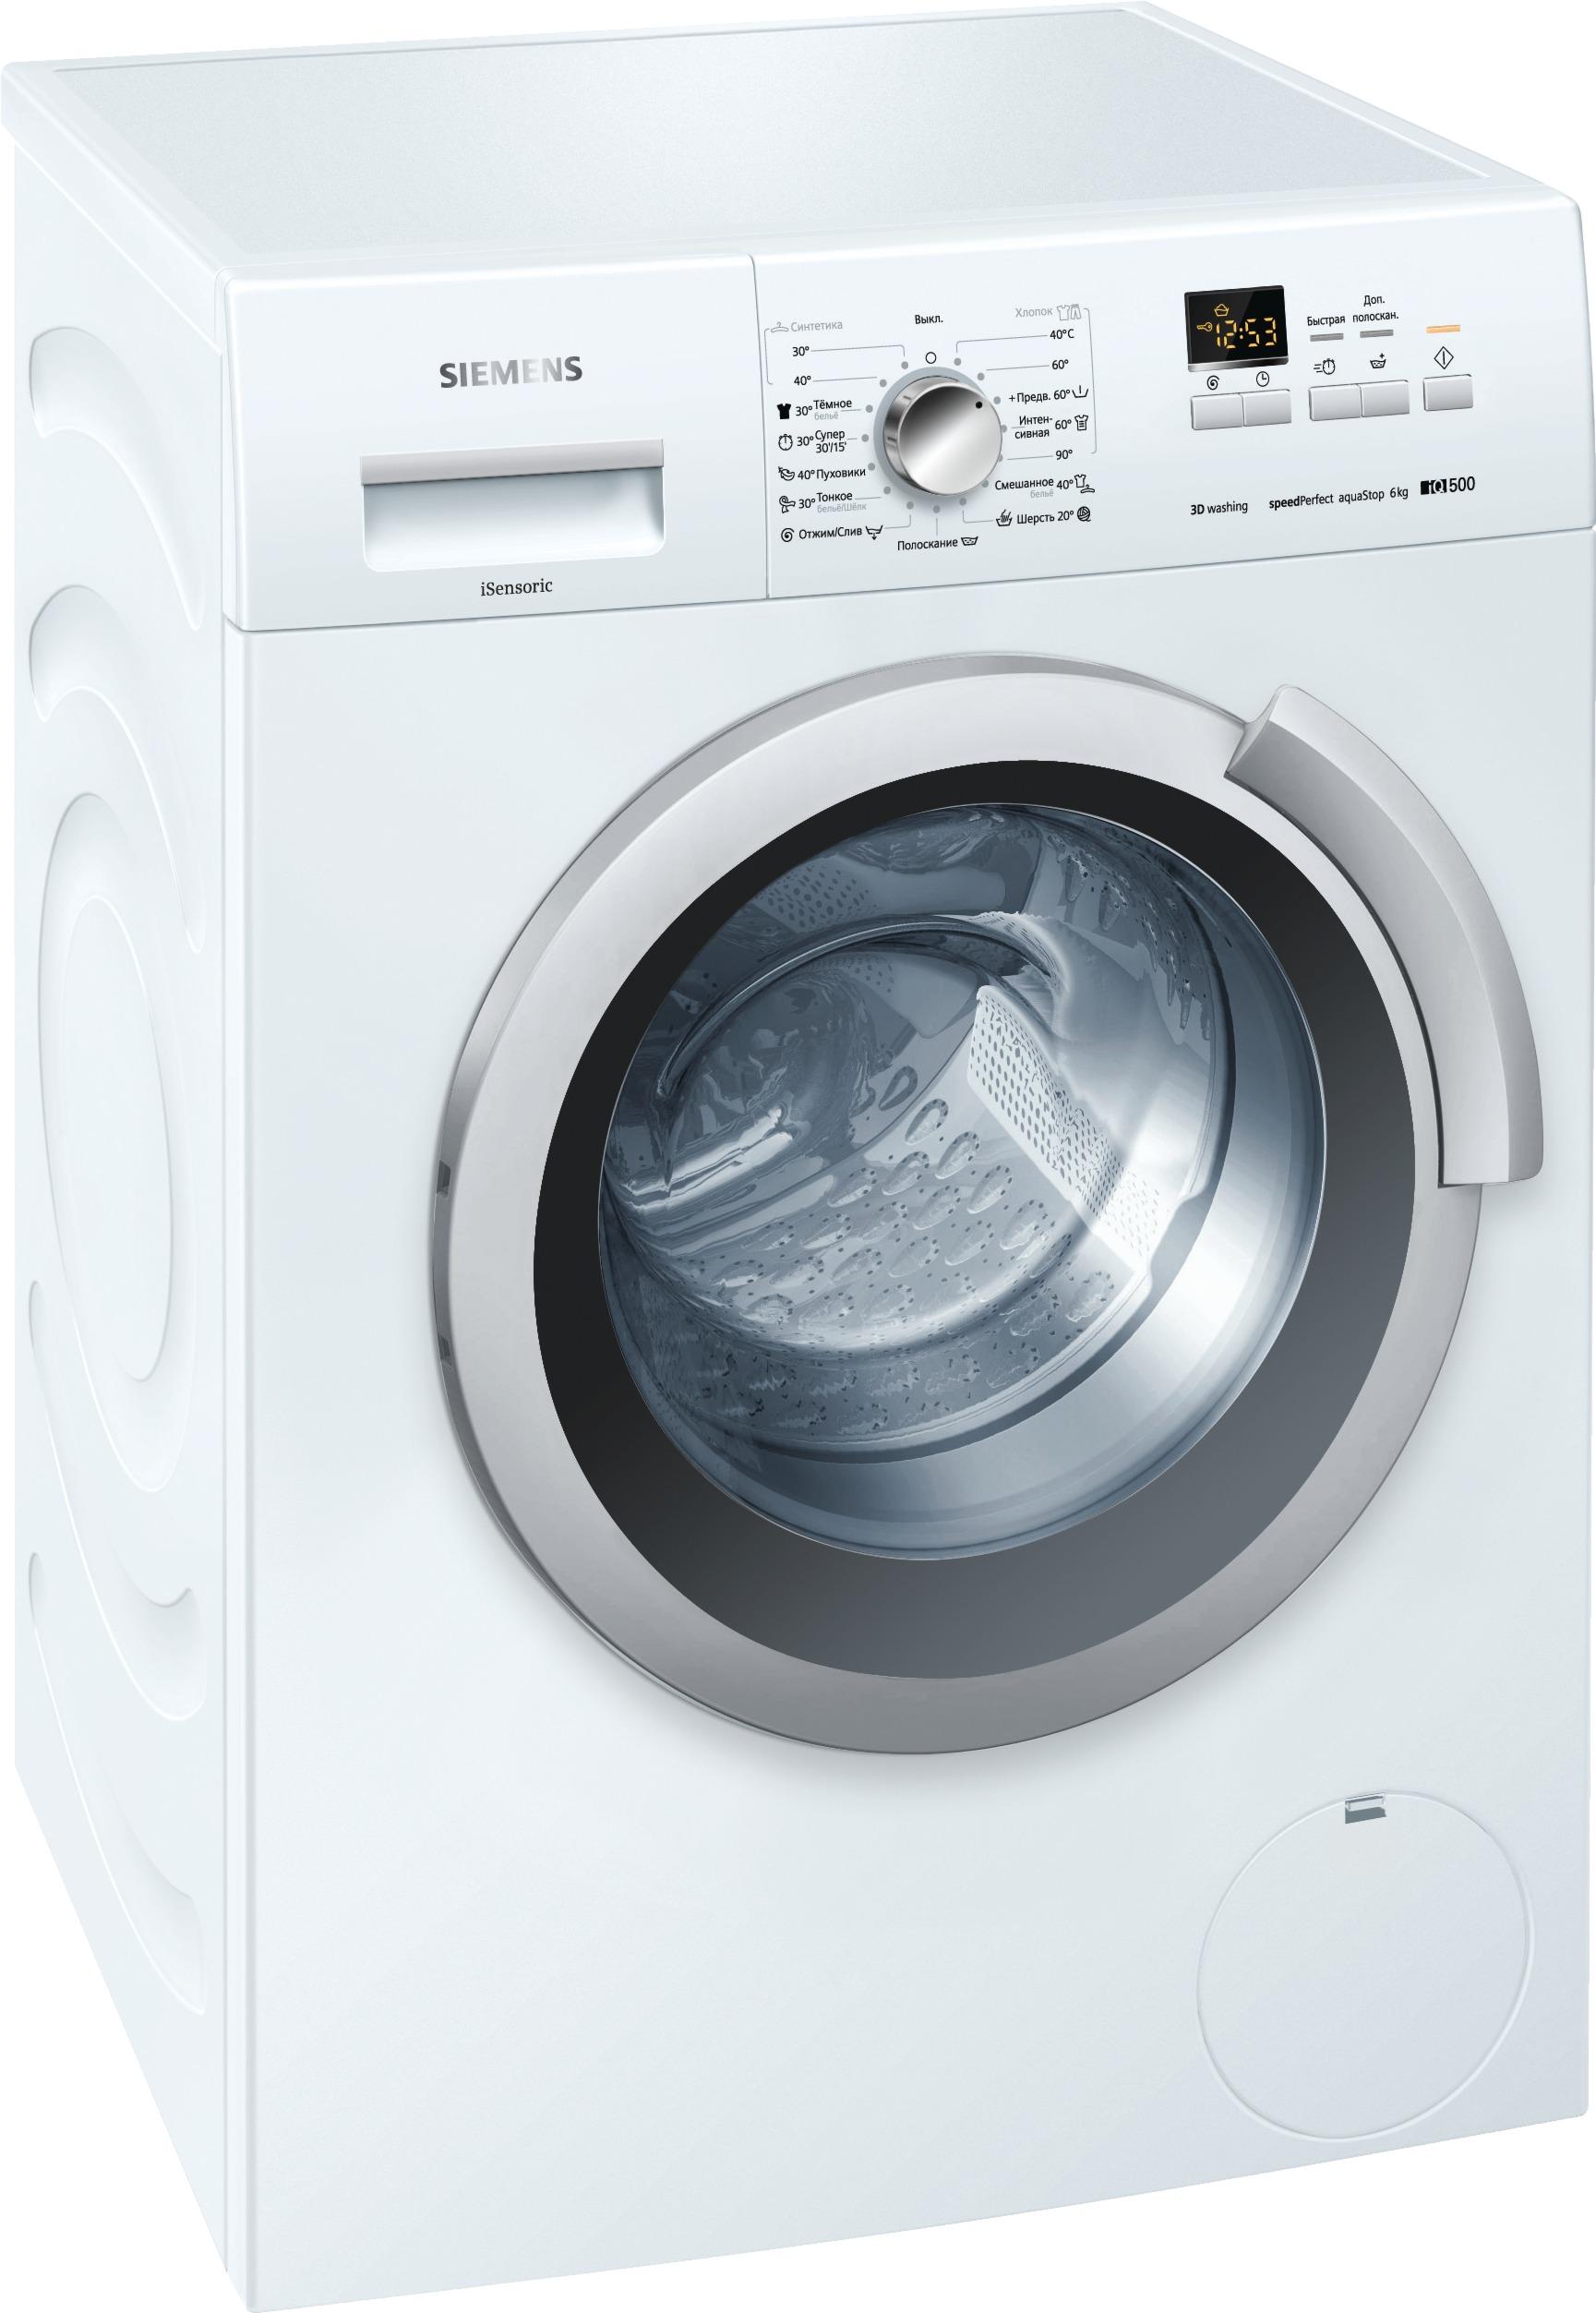 стиральные машины в интернет-магазине - Краснодар - Siemens